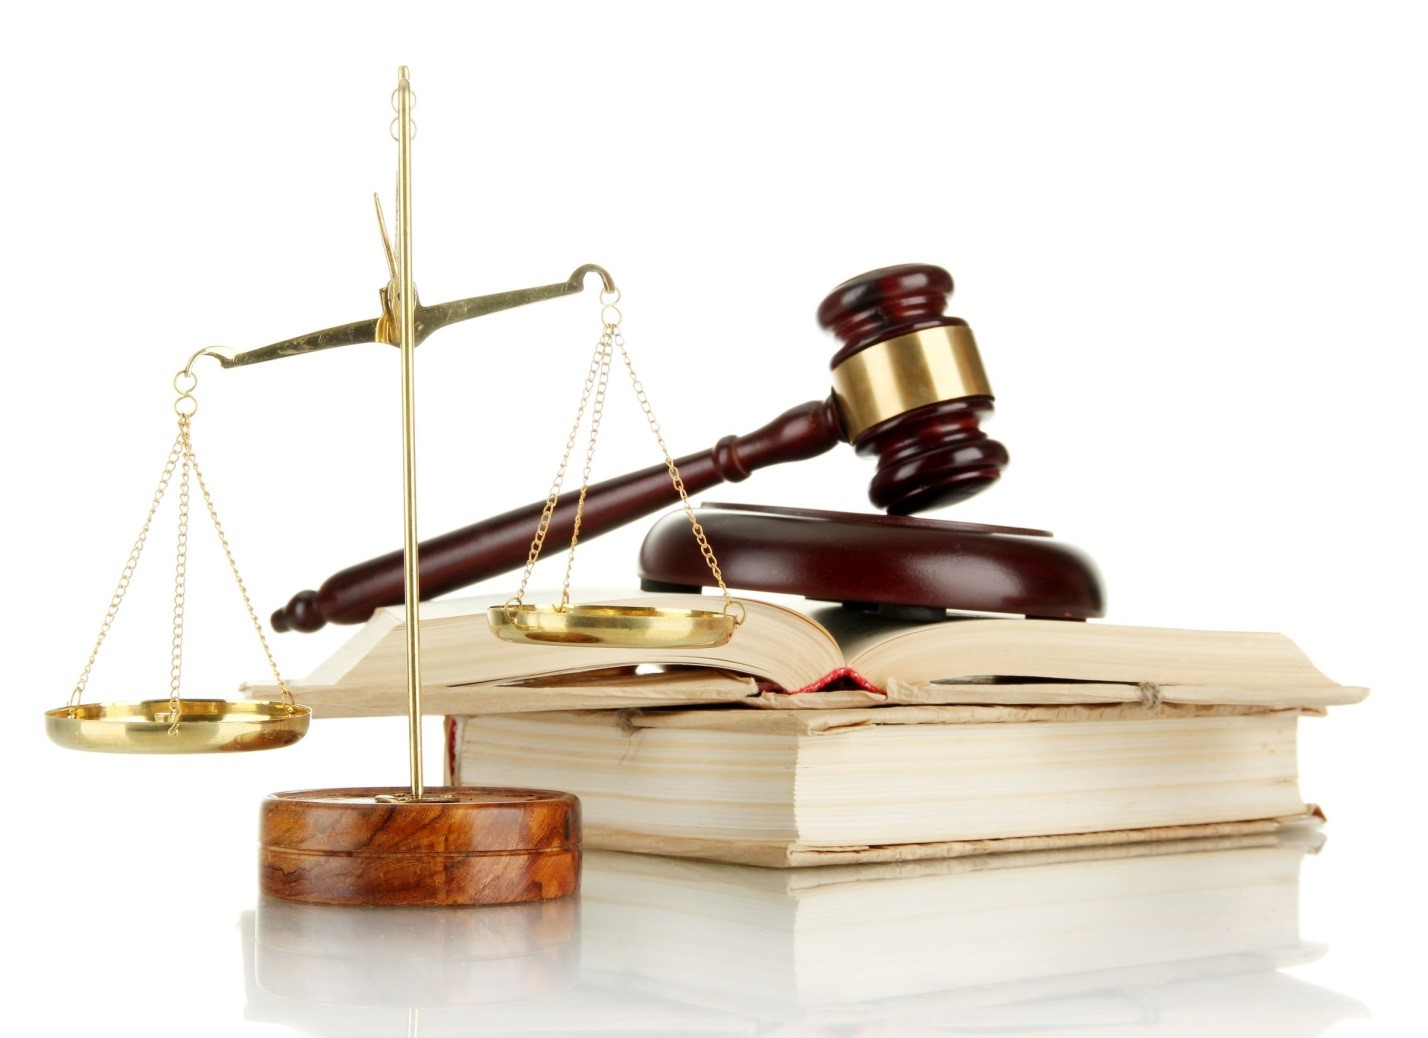 وکیل دیوان اداری چه ویژگی هایی باید داشته باشد؟